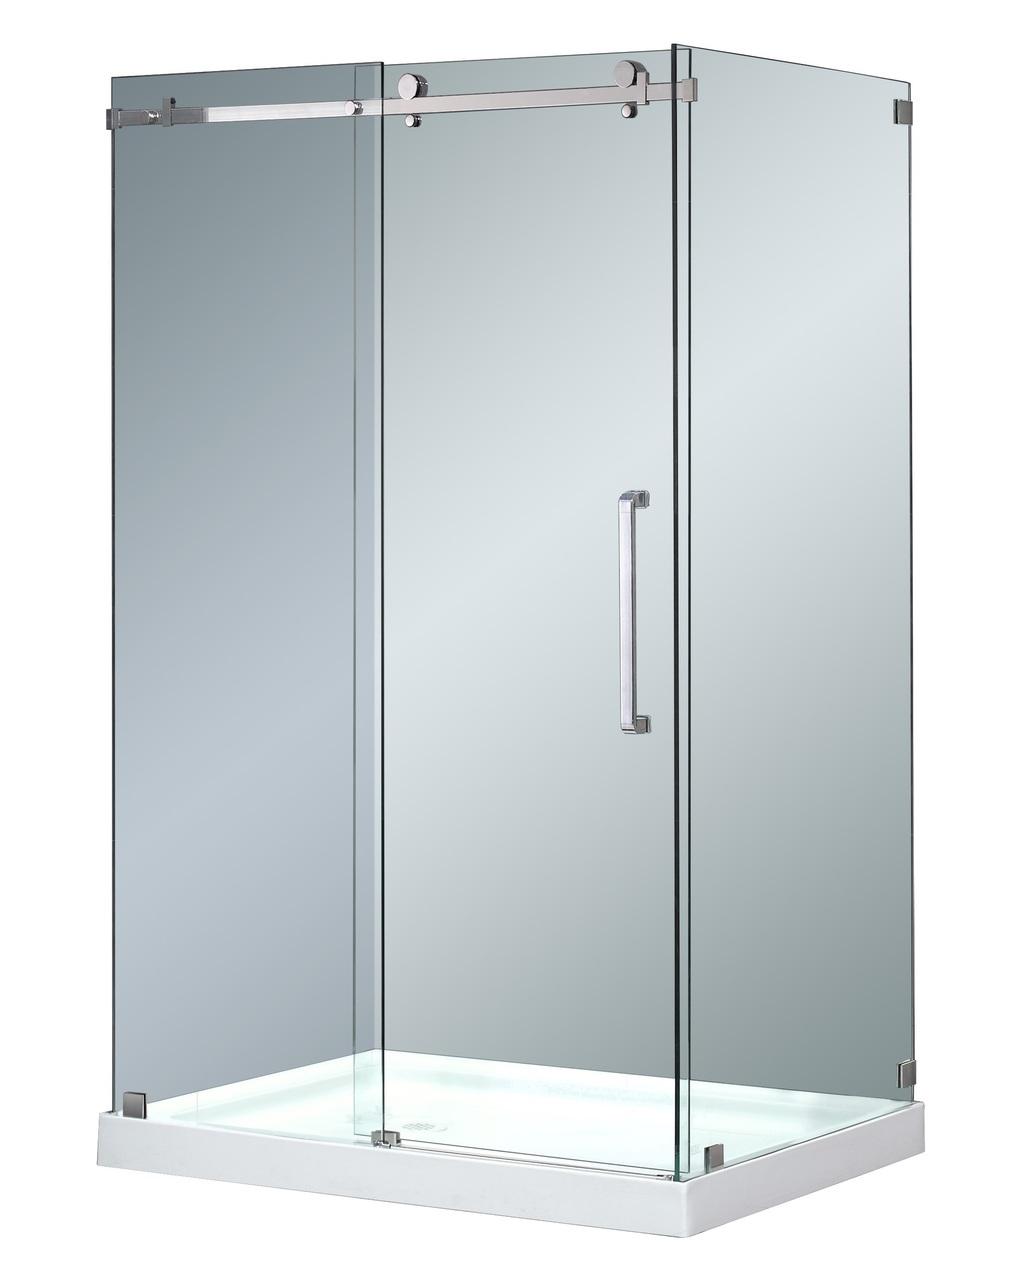 Moselle Completely Frameless Sliding Door Shower Enclosure